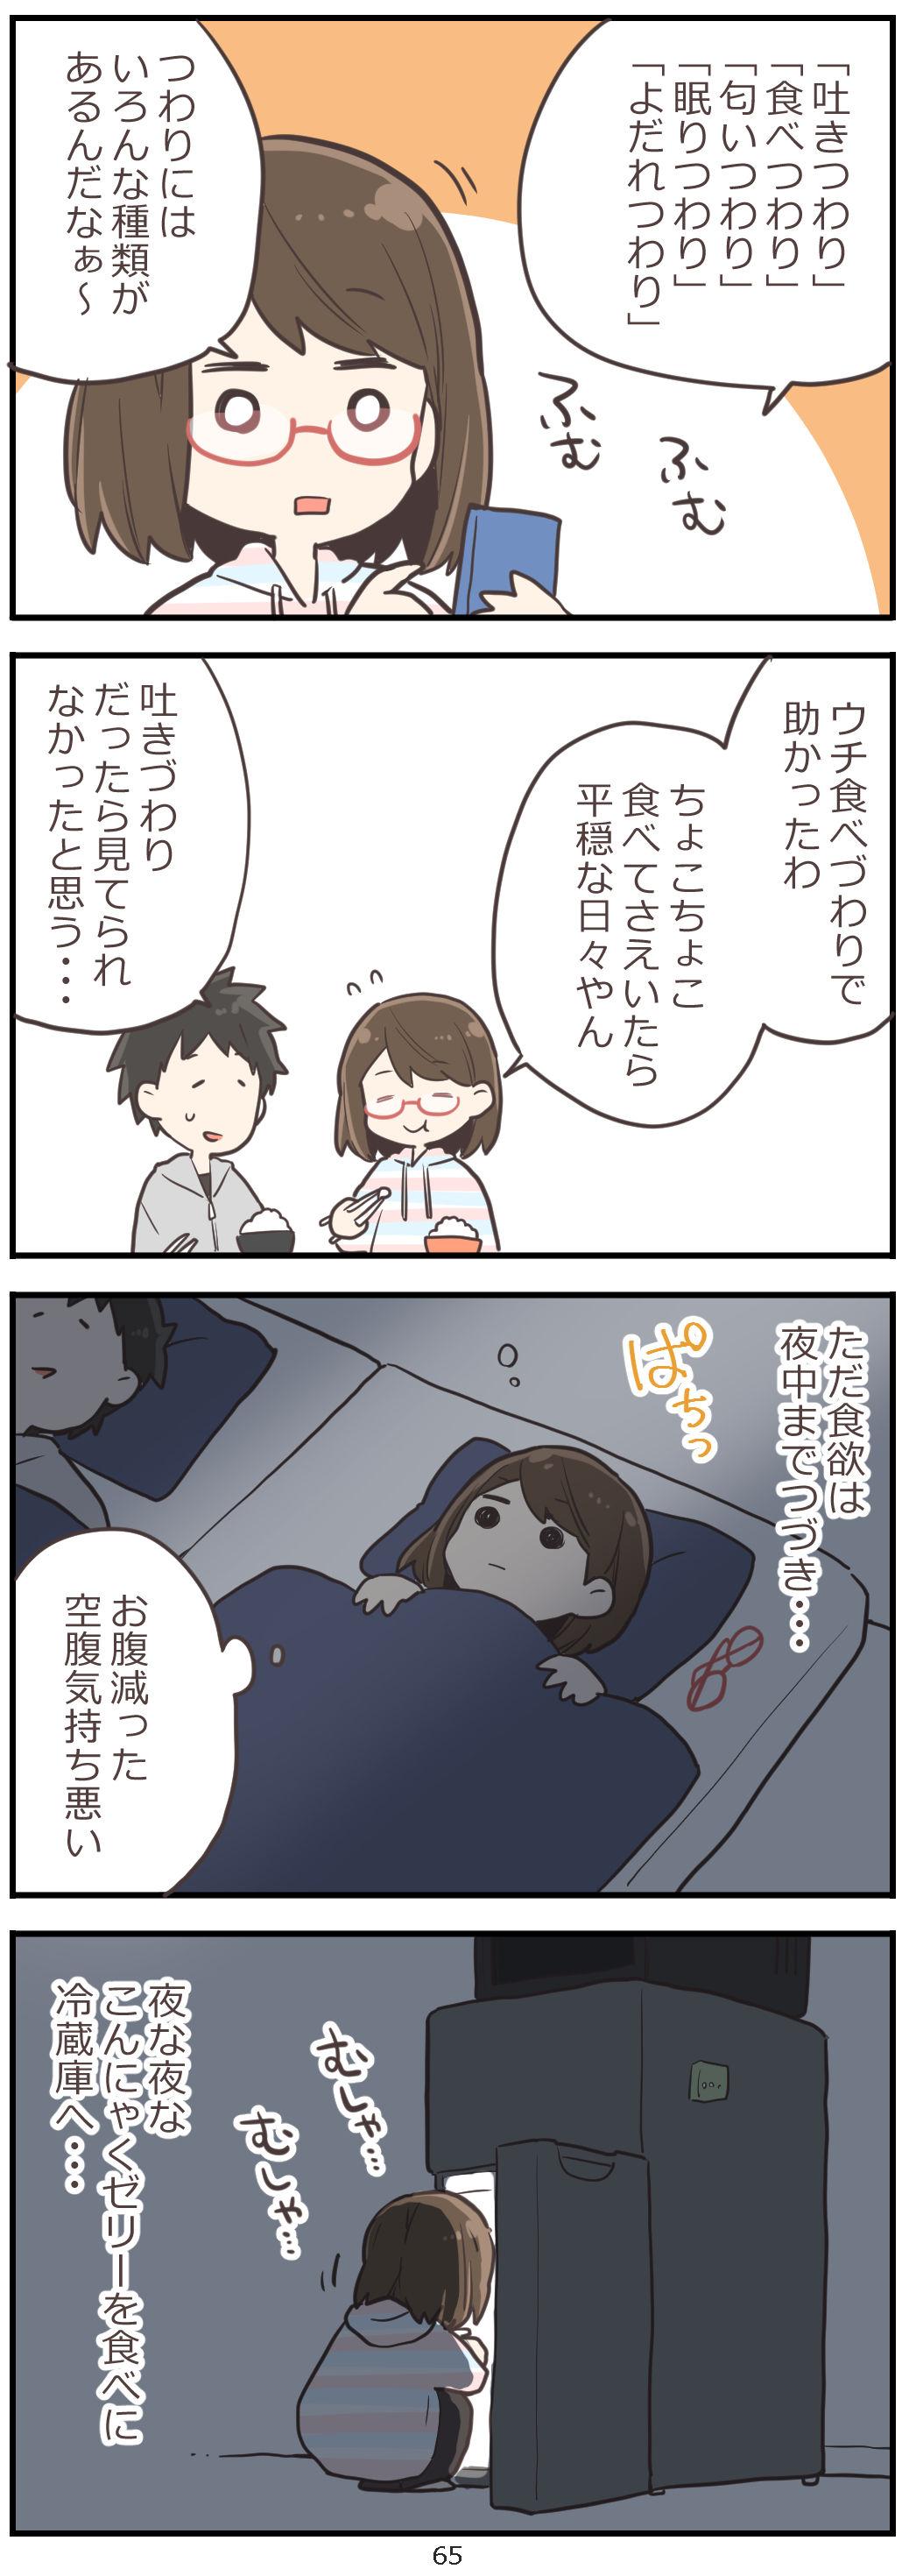 夜中 空腹 妊婦